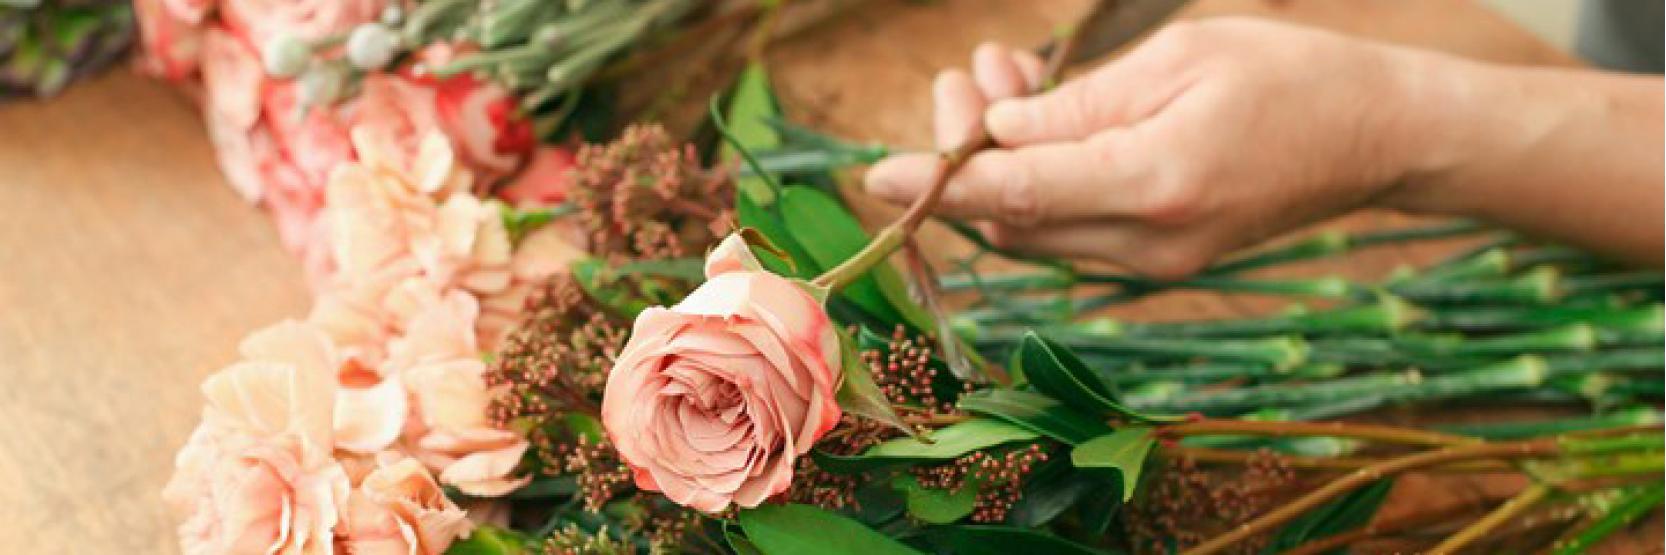 طرق الحفاظ على الورد لمدة أطول